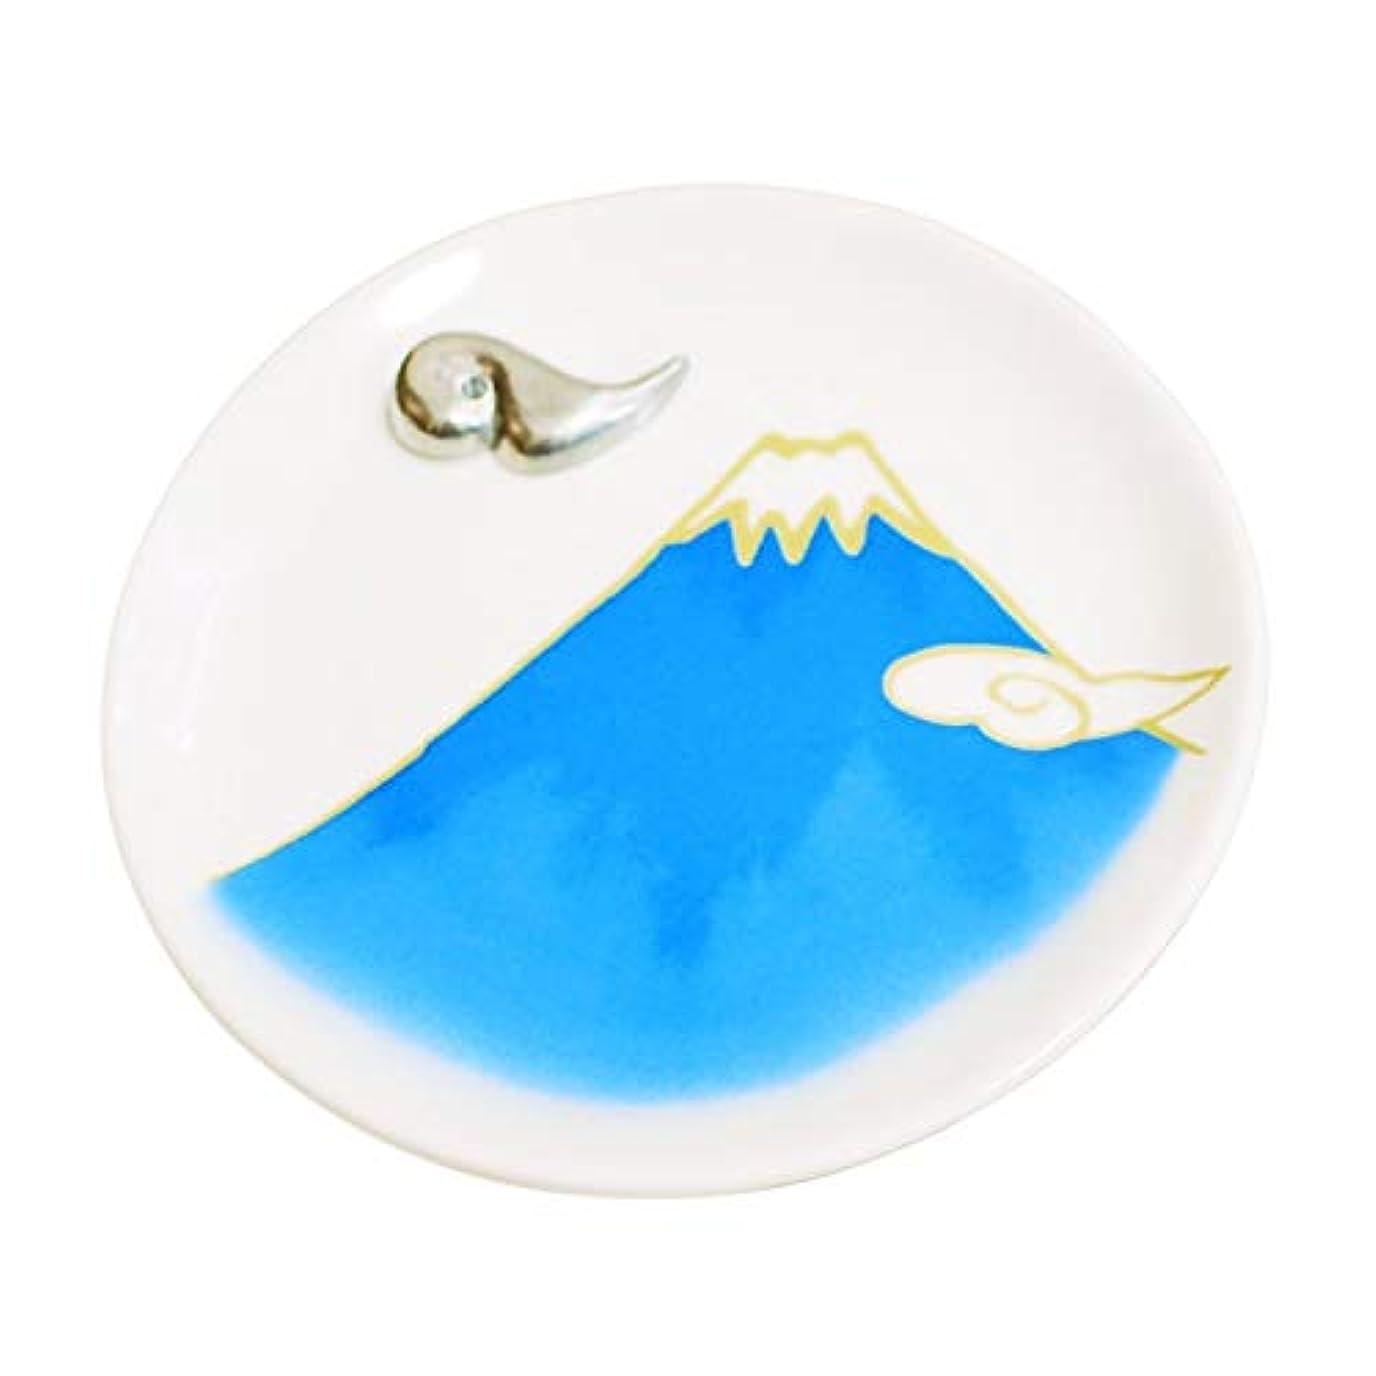 気球形マットレス香皿 富士山 ブルー 雲型香立て付 青富士 香立 お線香立て Cセット